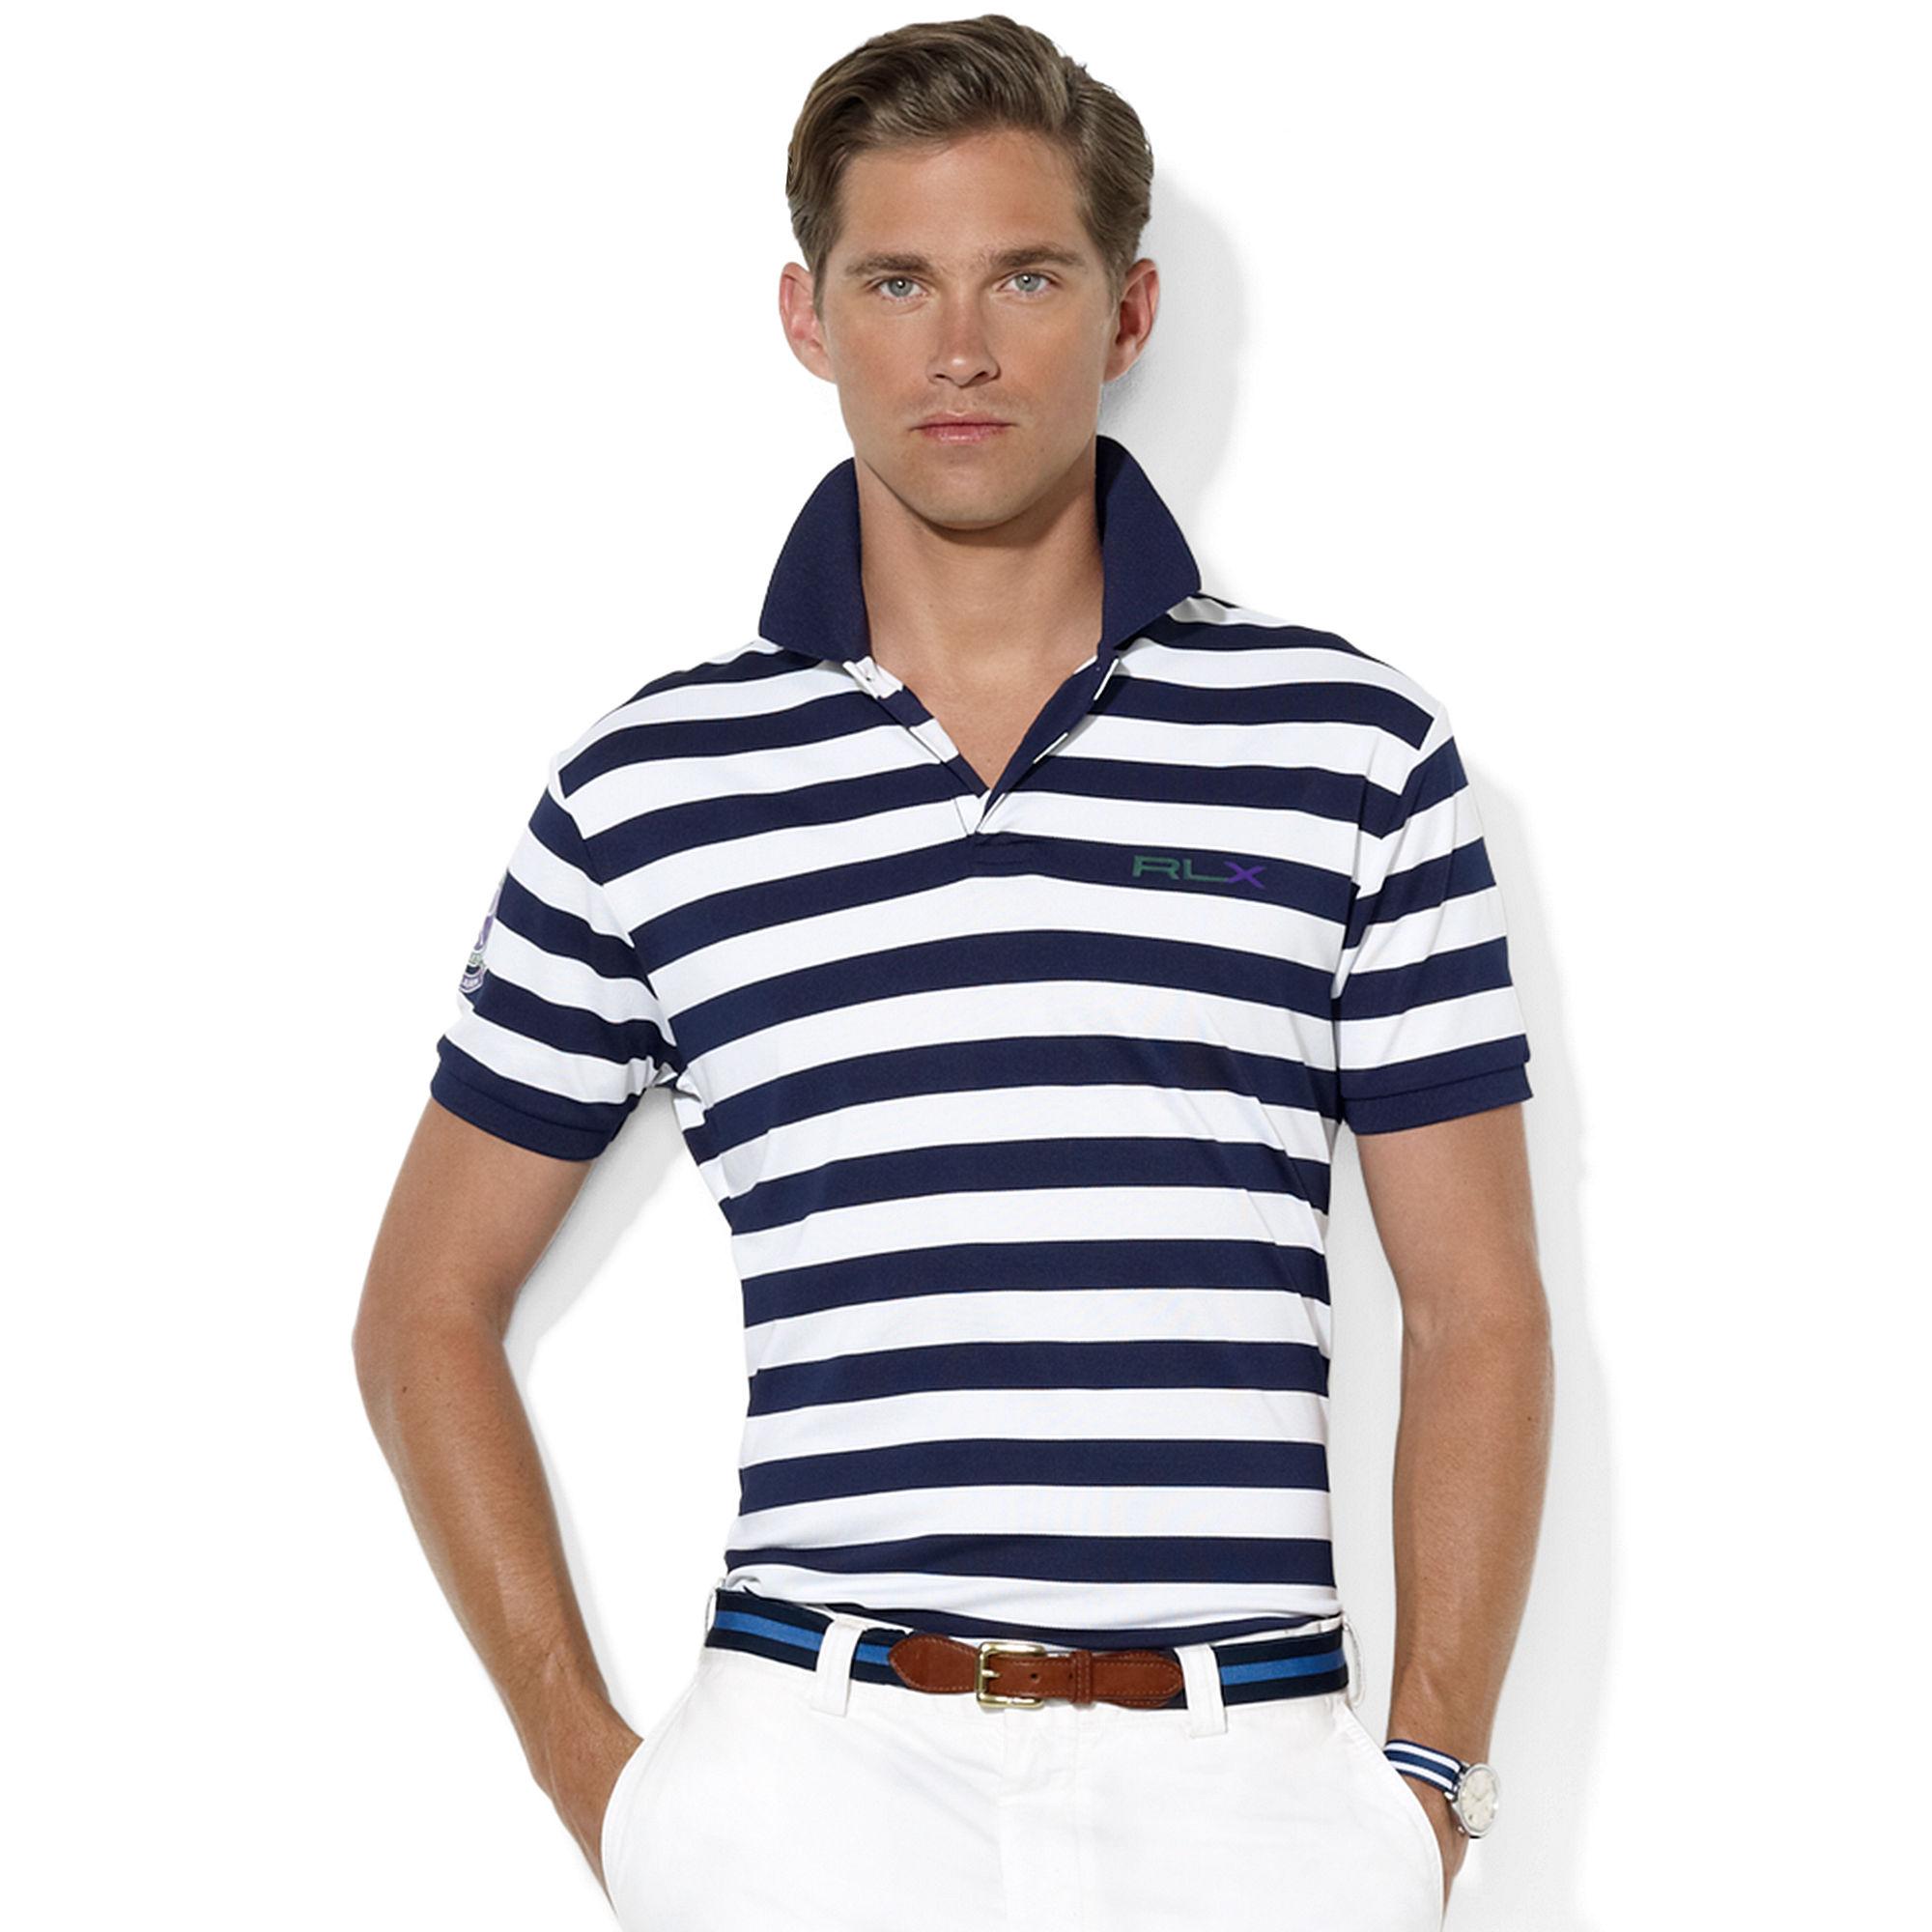 370310d847850 Lyst - Ralph Lauren Rlx Wimbledon Short Sleeved Striped Tech Polo ...